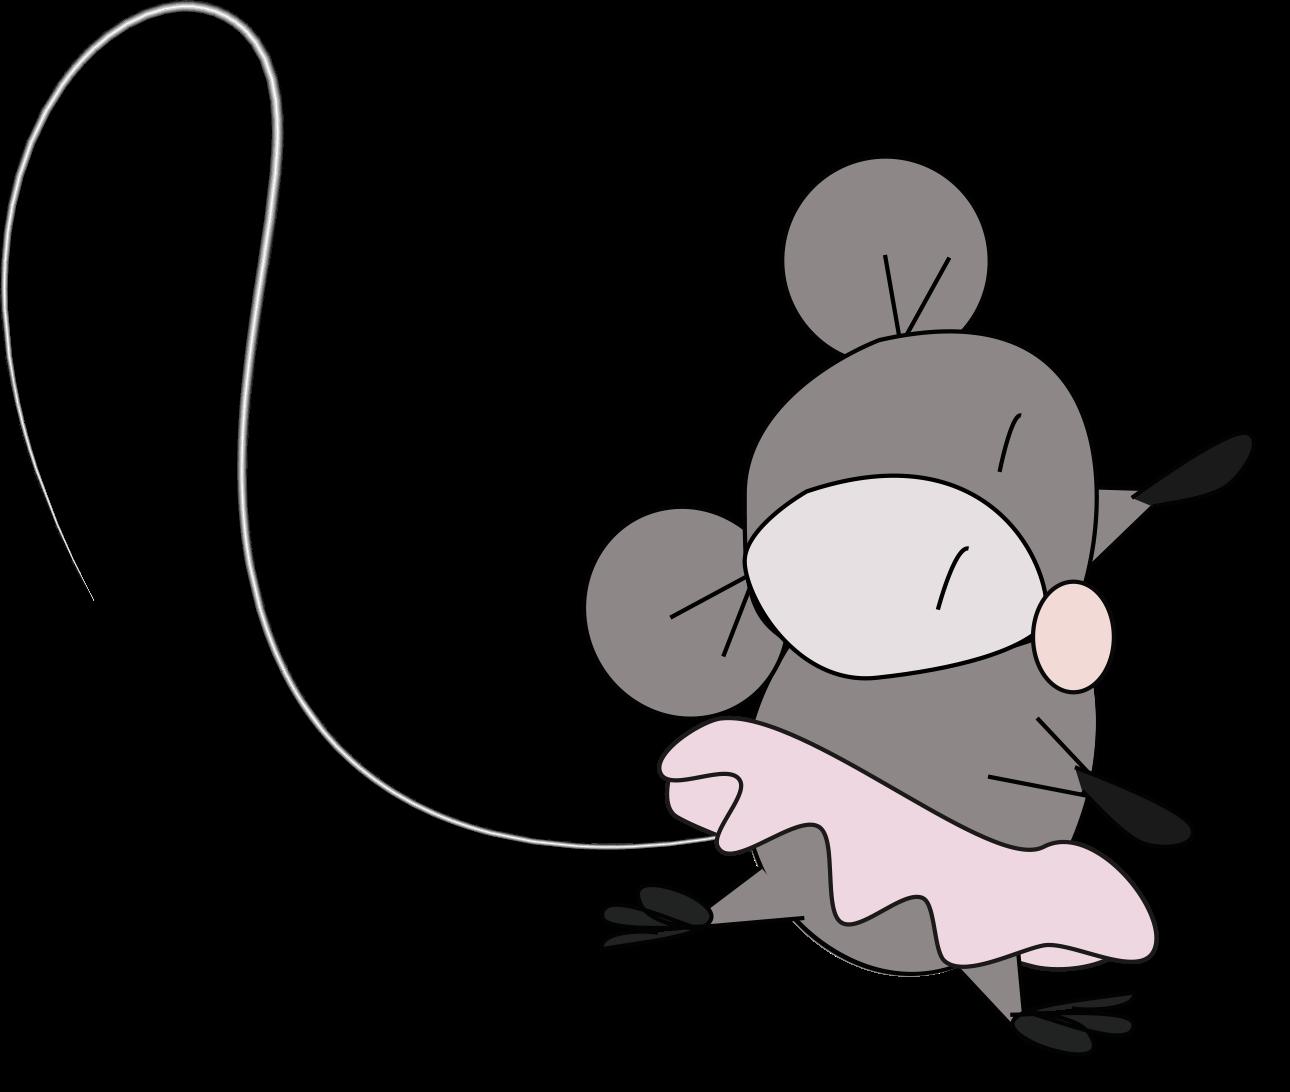 ดาวโหลดสติ๊กเกอร์ แรทตี้ [Ratty]